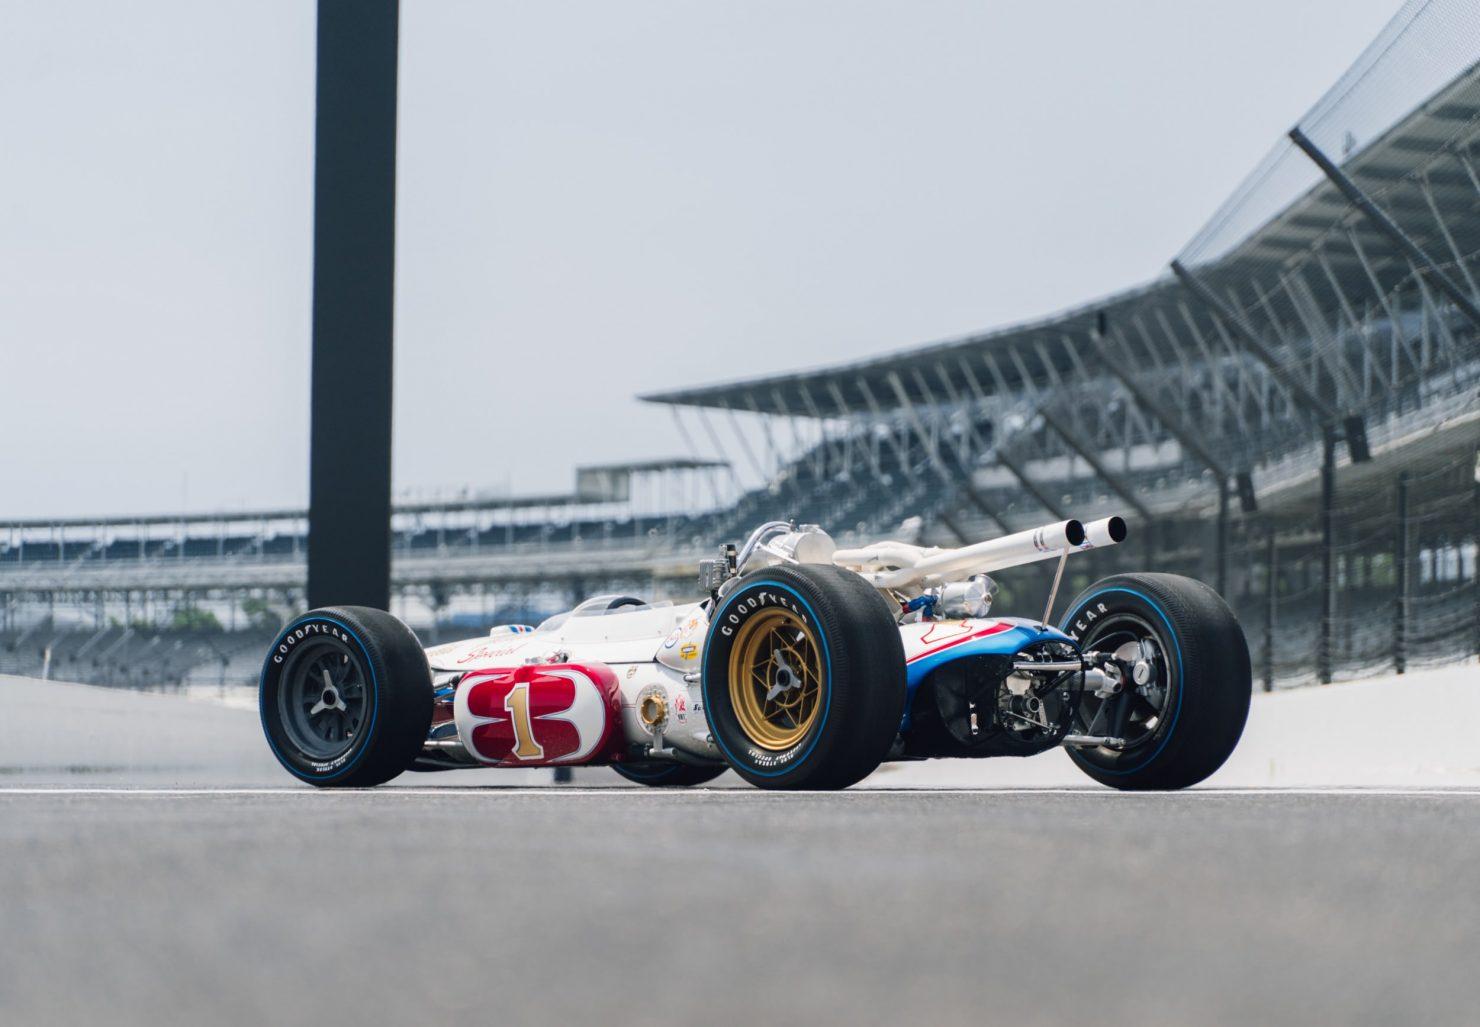 lotus type 34 indy 500 car 18 1480x1027 - 1964 Lotus Type 34